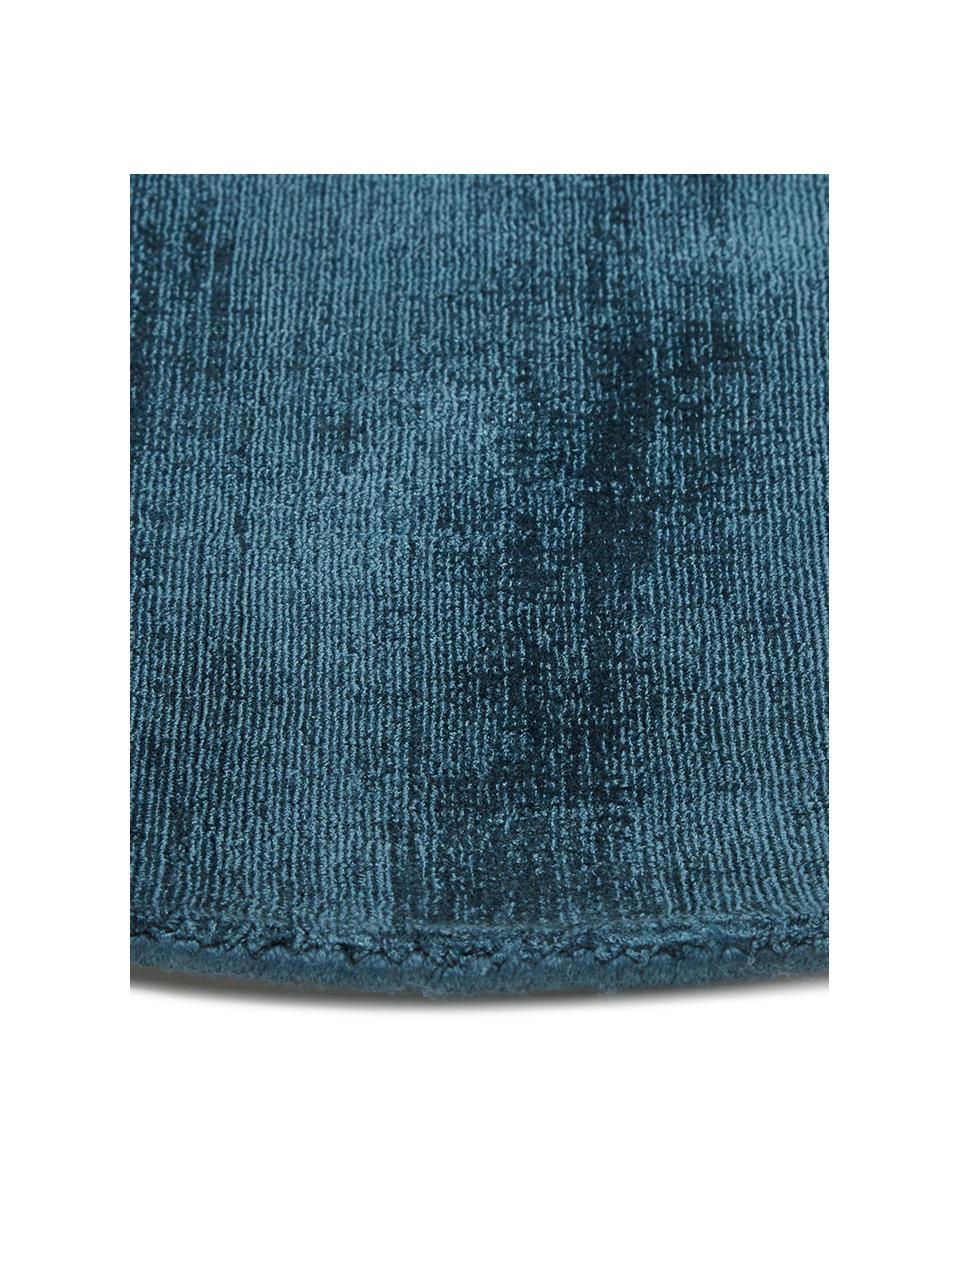 Rond viscose vloerkleed Jane in donkerblauw, handgeweven, Bovenzijde: 100% viscose, Onderzijde: 100% katoen, Donkerblauw, Ø 200 cm (maat L)